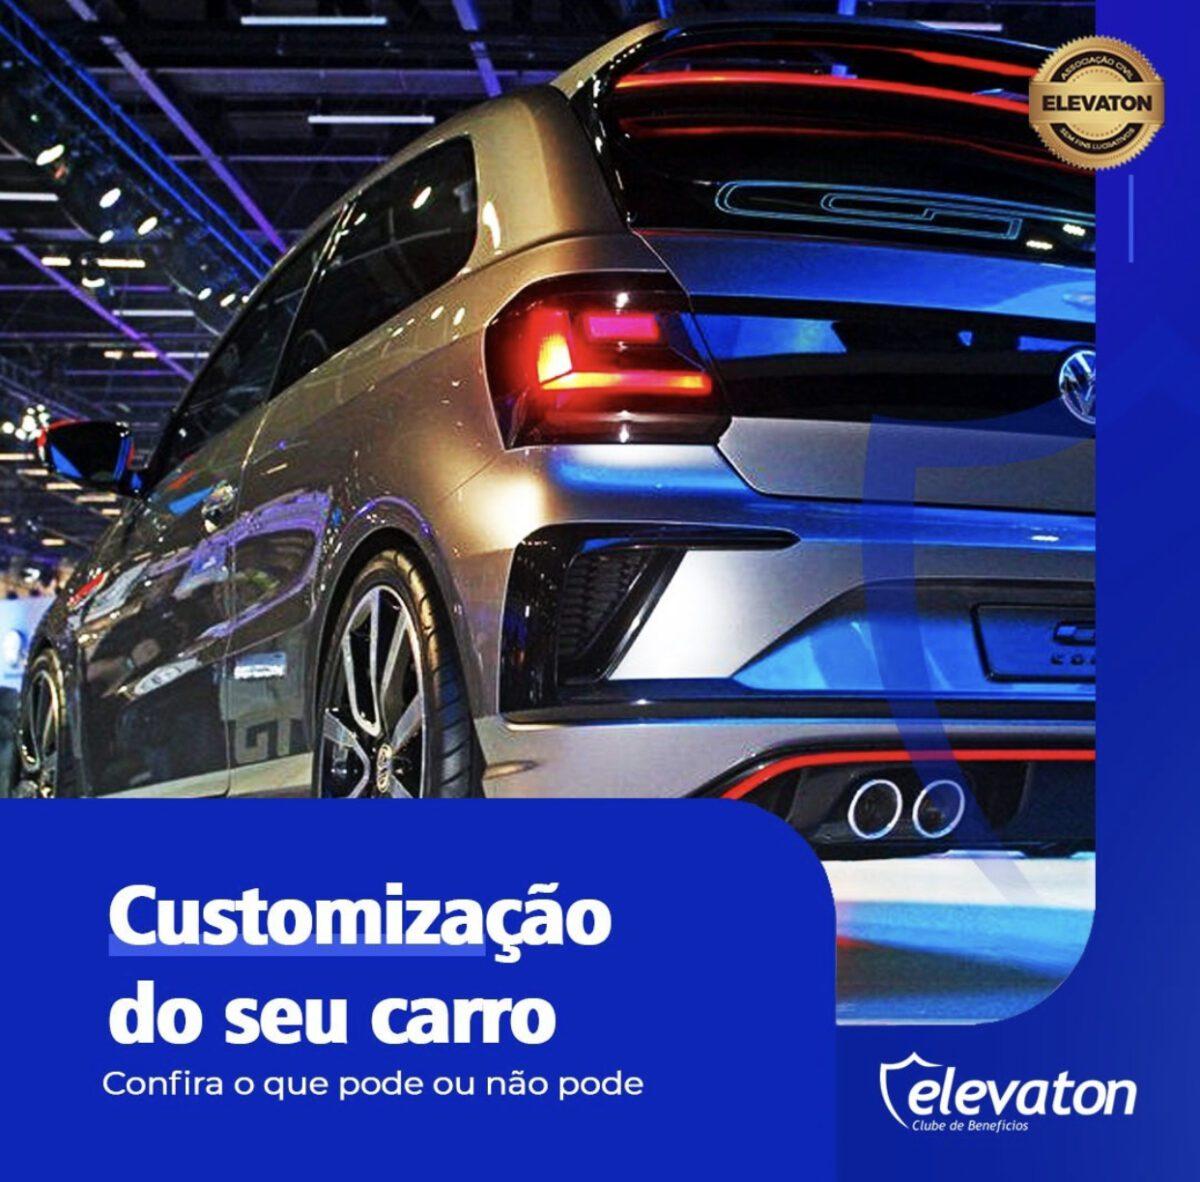 Customização de Carros, confira o que pode ou não - customizacaocarros